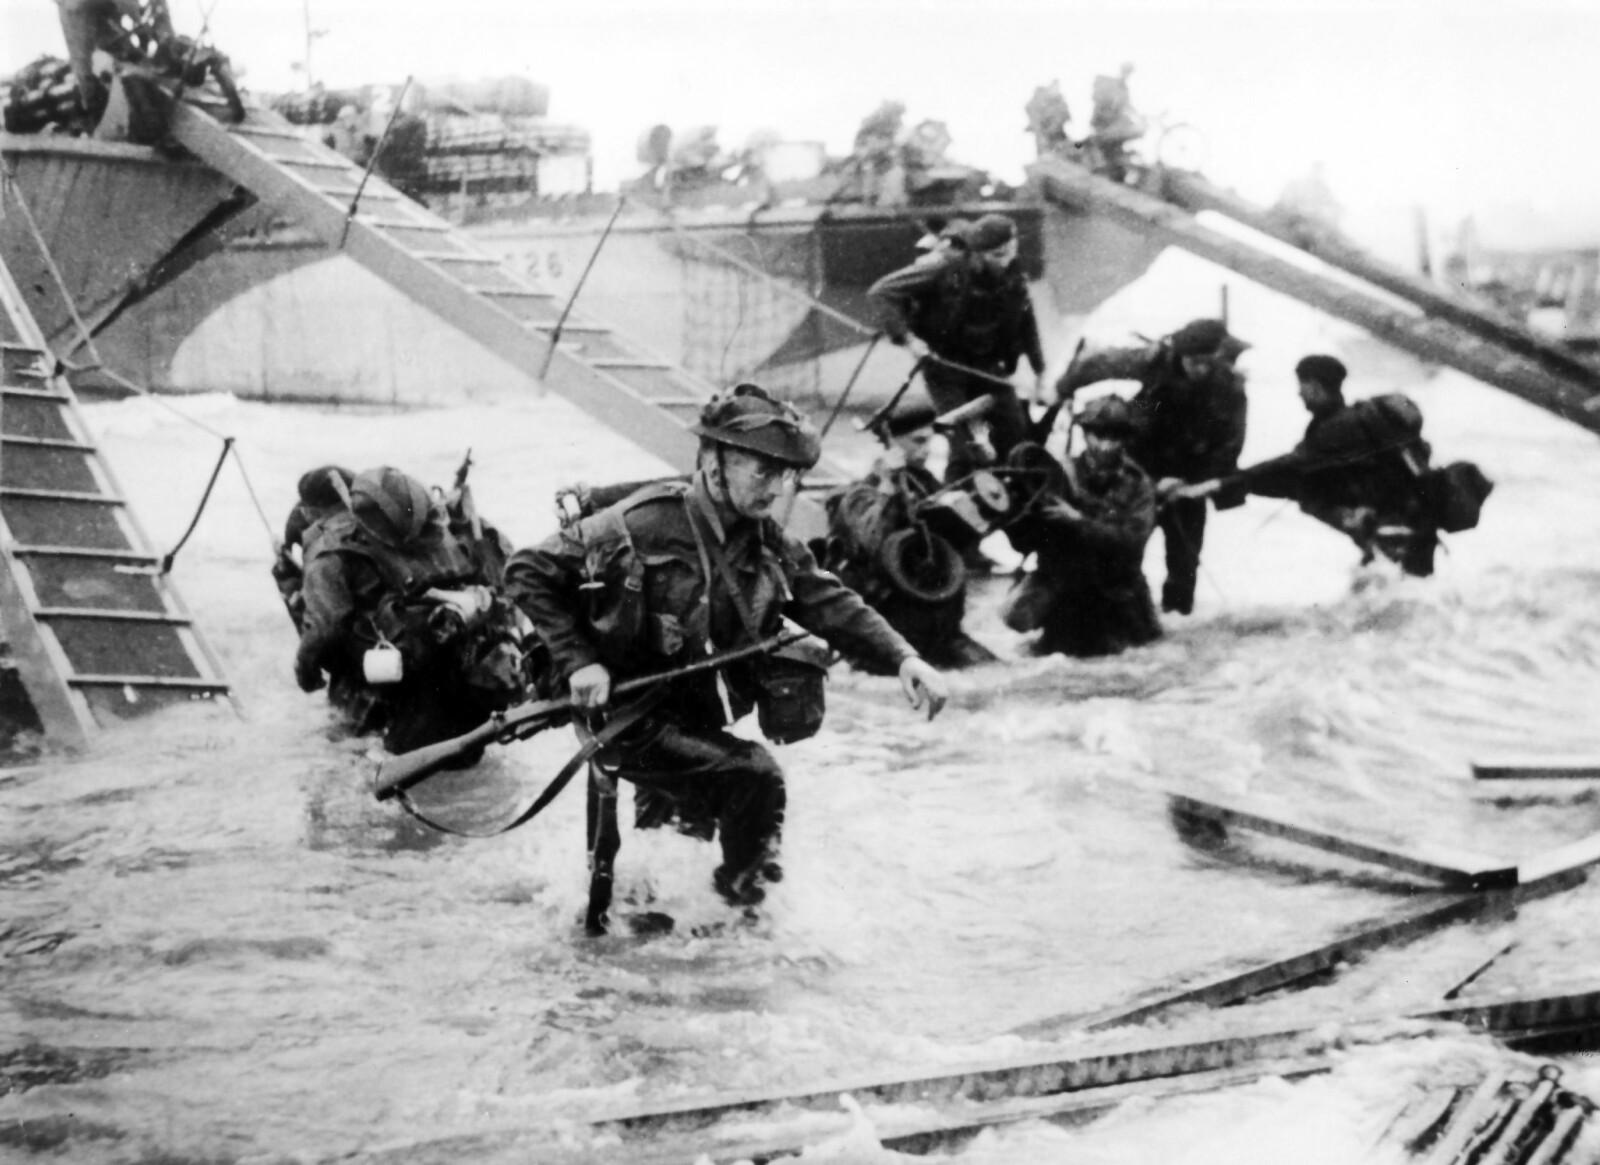 <b>INN I STRIDEN:</b> Britiske marinesoldater vasser i land på Juno Beach på D-dagen, 6. juni 1944. Værvarselet til nord-mannen Sverre Petterssen var sterkt medvirkende til at landgangen ikke fant sted i full storm ett døgn tidligere. Den tyske motstanden kostet 2000 soldater livet på strendene i Normandie.